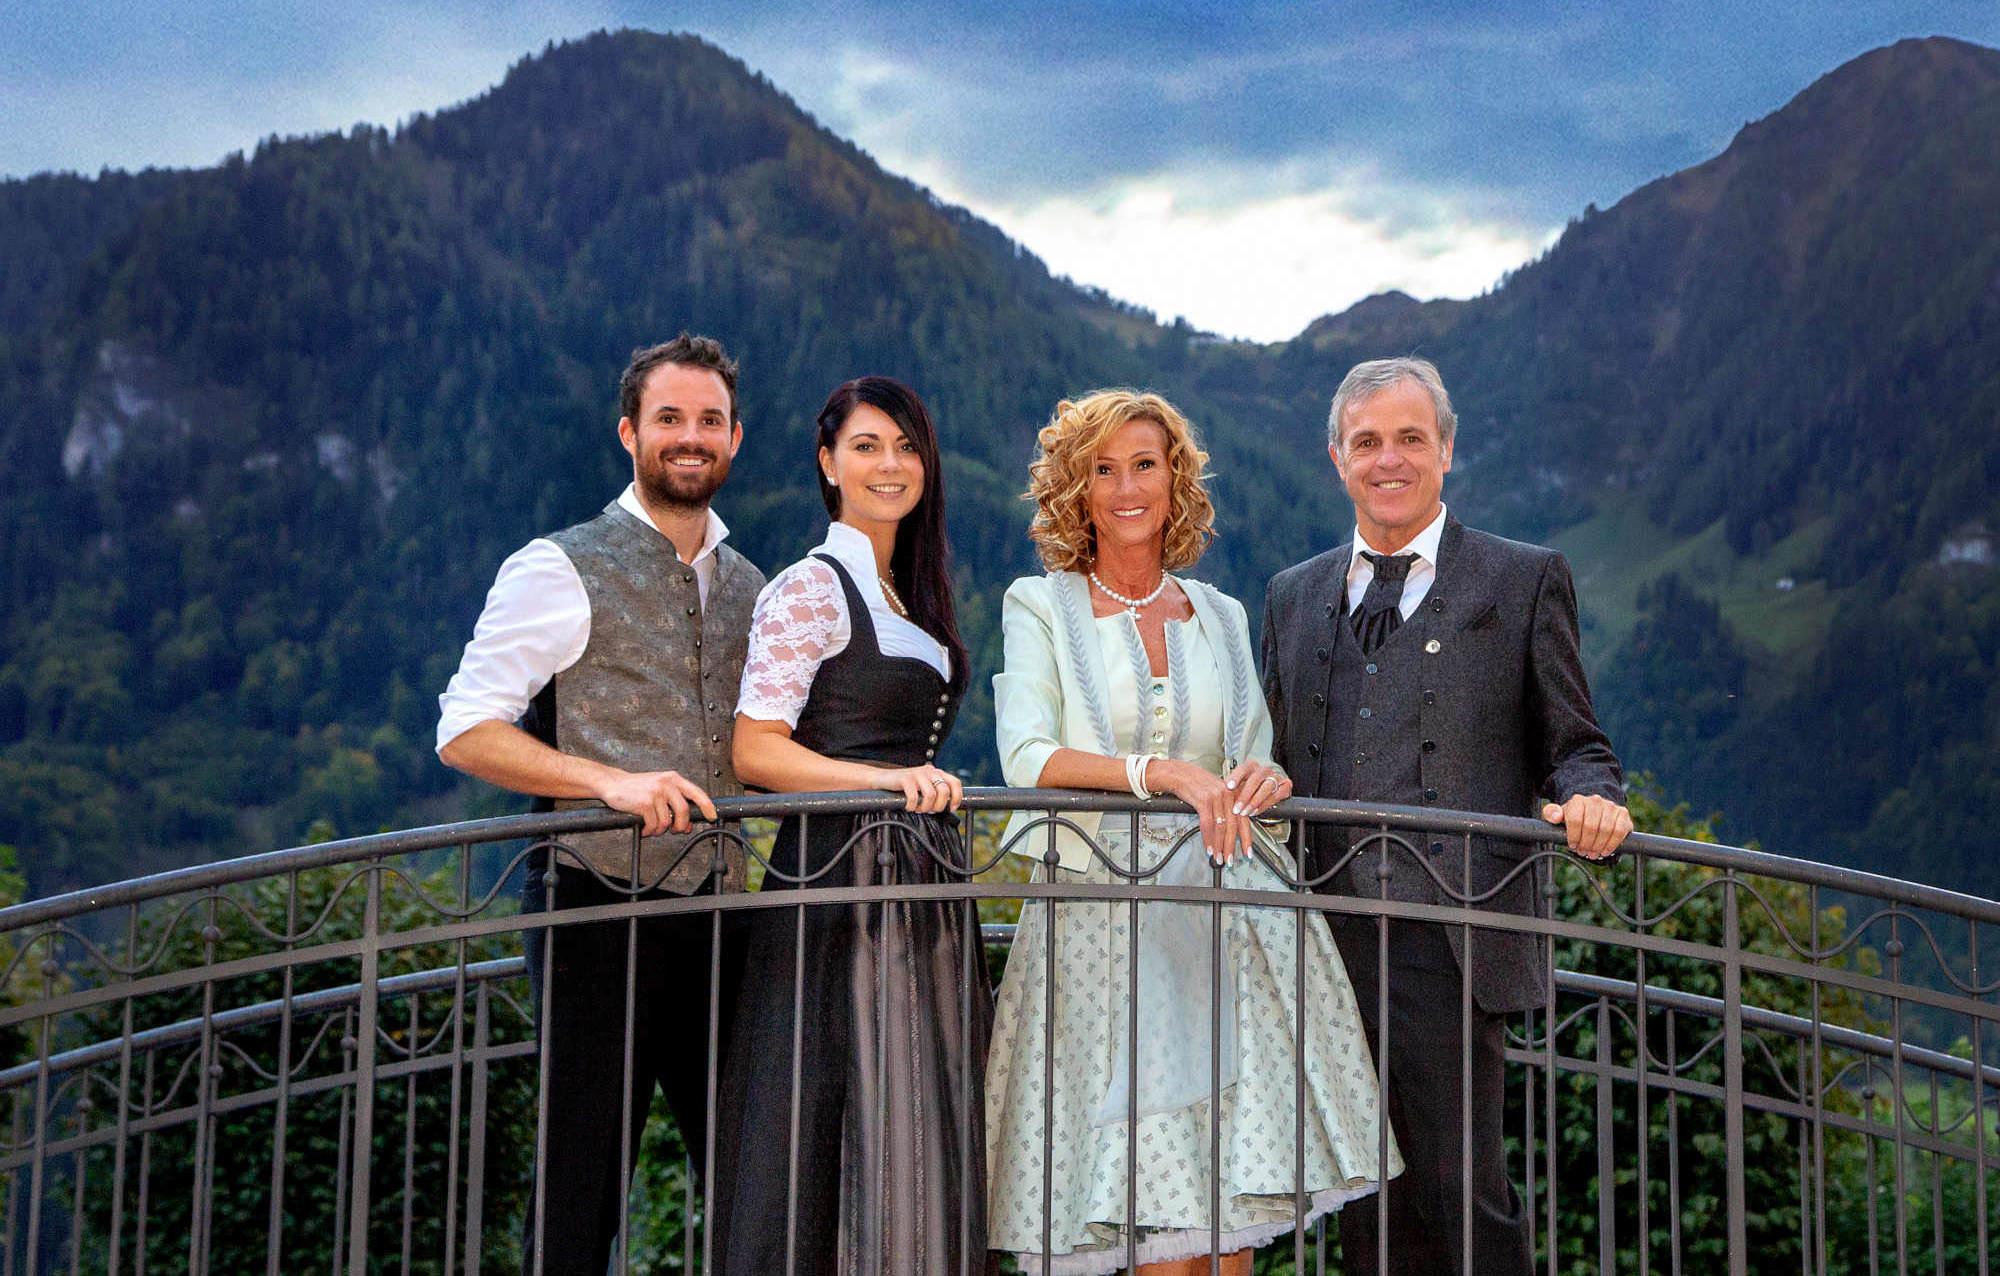 Gastgeber B&B Hotel Flachau die Bergquelle Salzburg Österreich